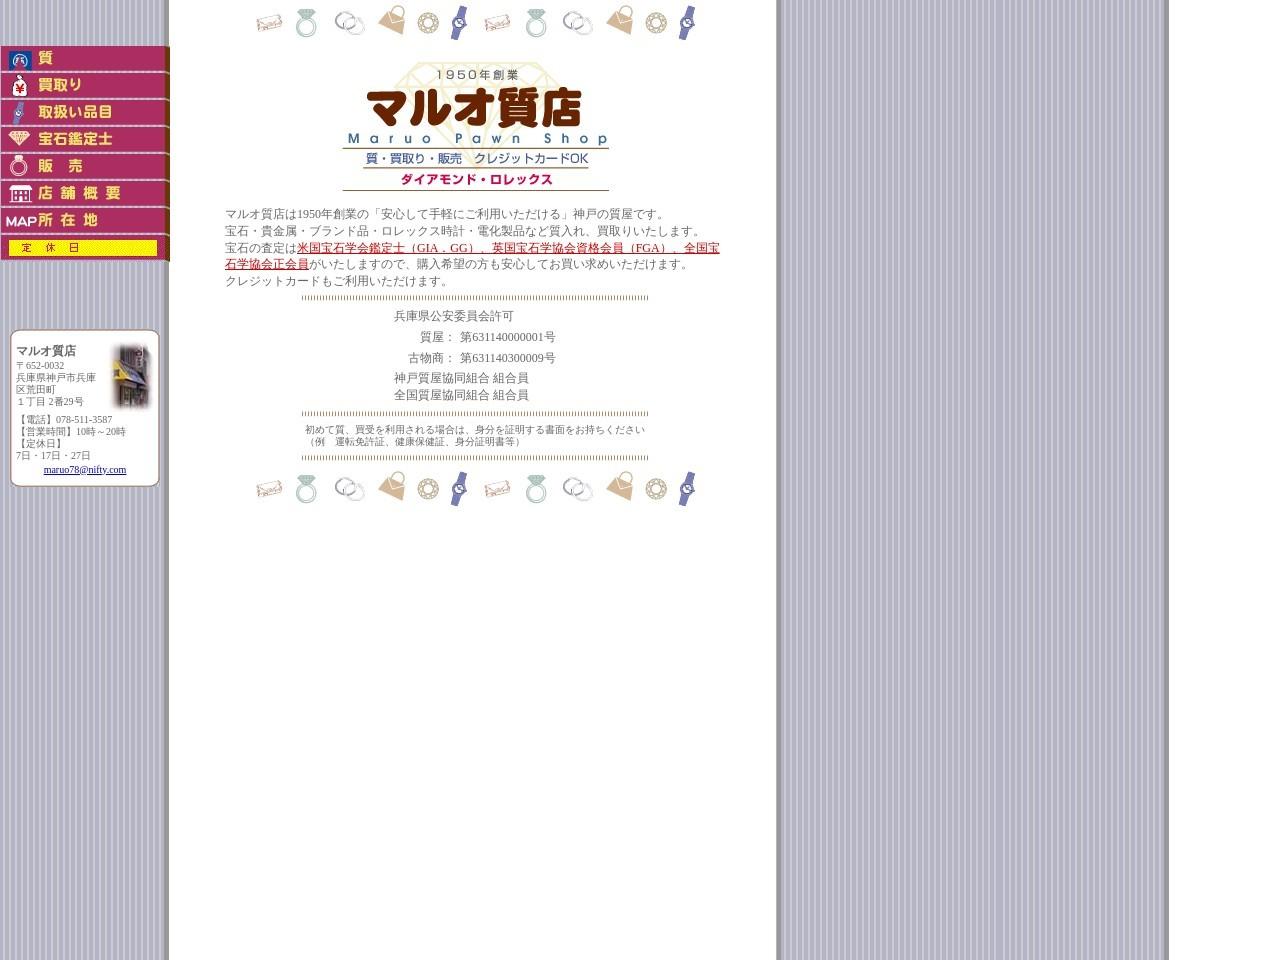 マルオ質店-Maruo PawnShop-